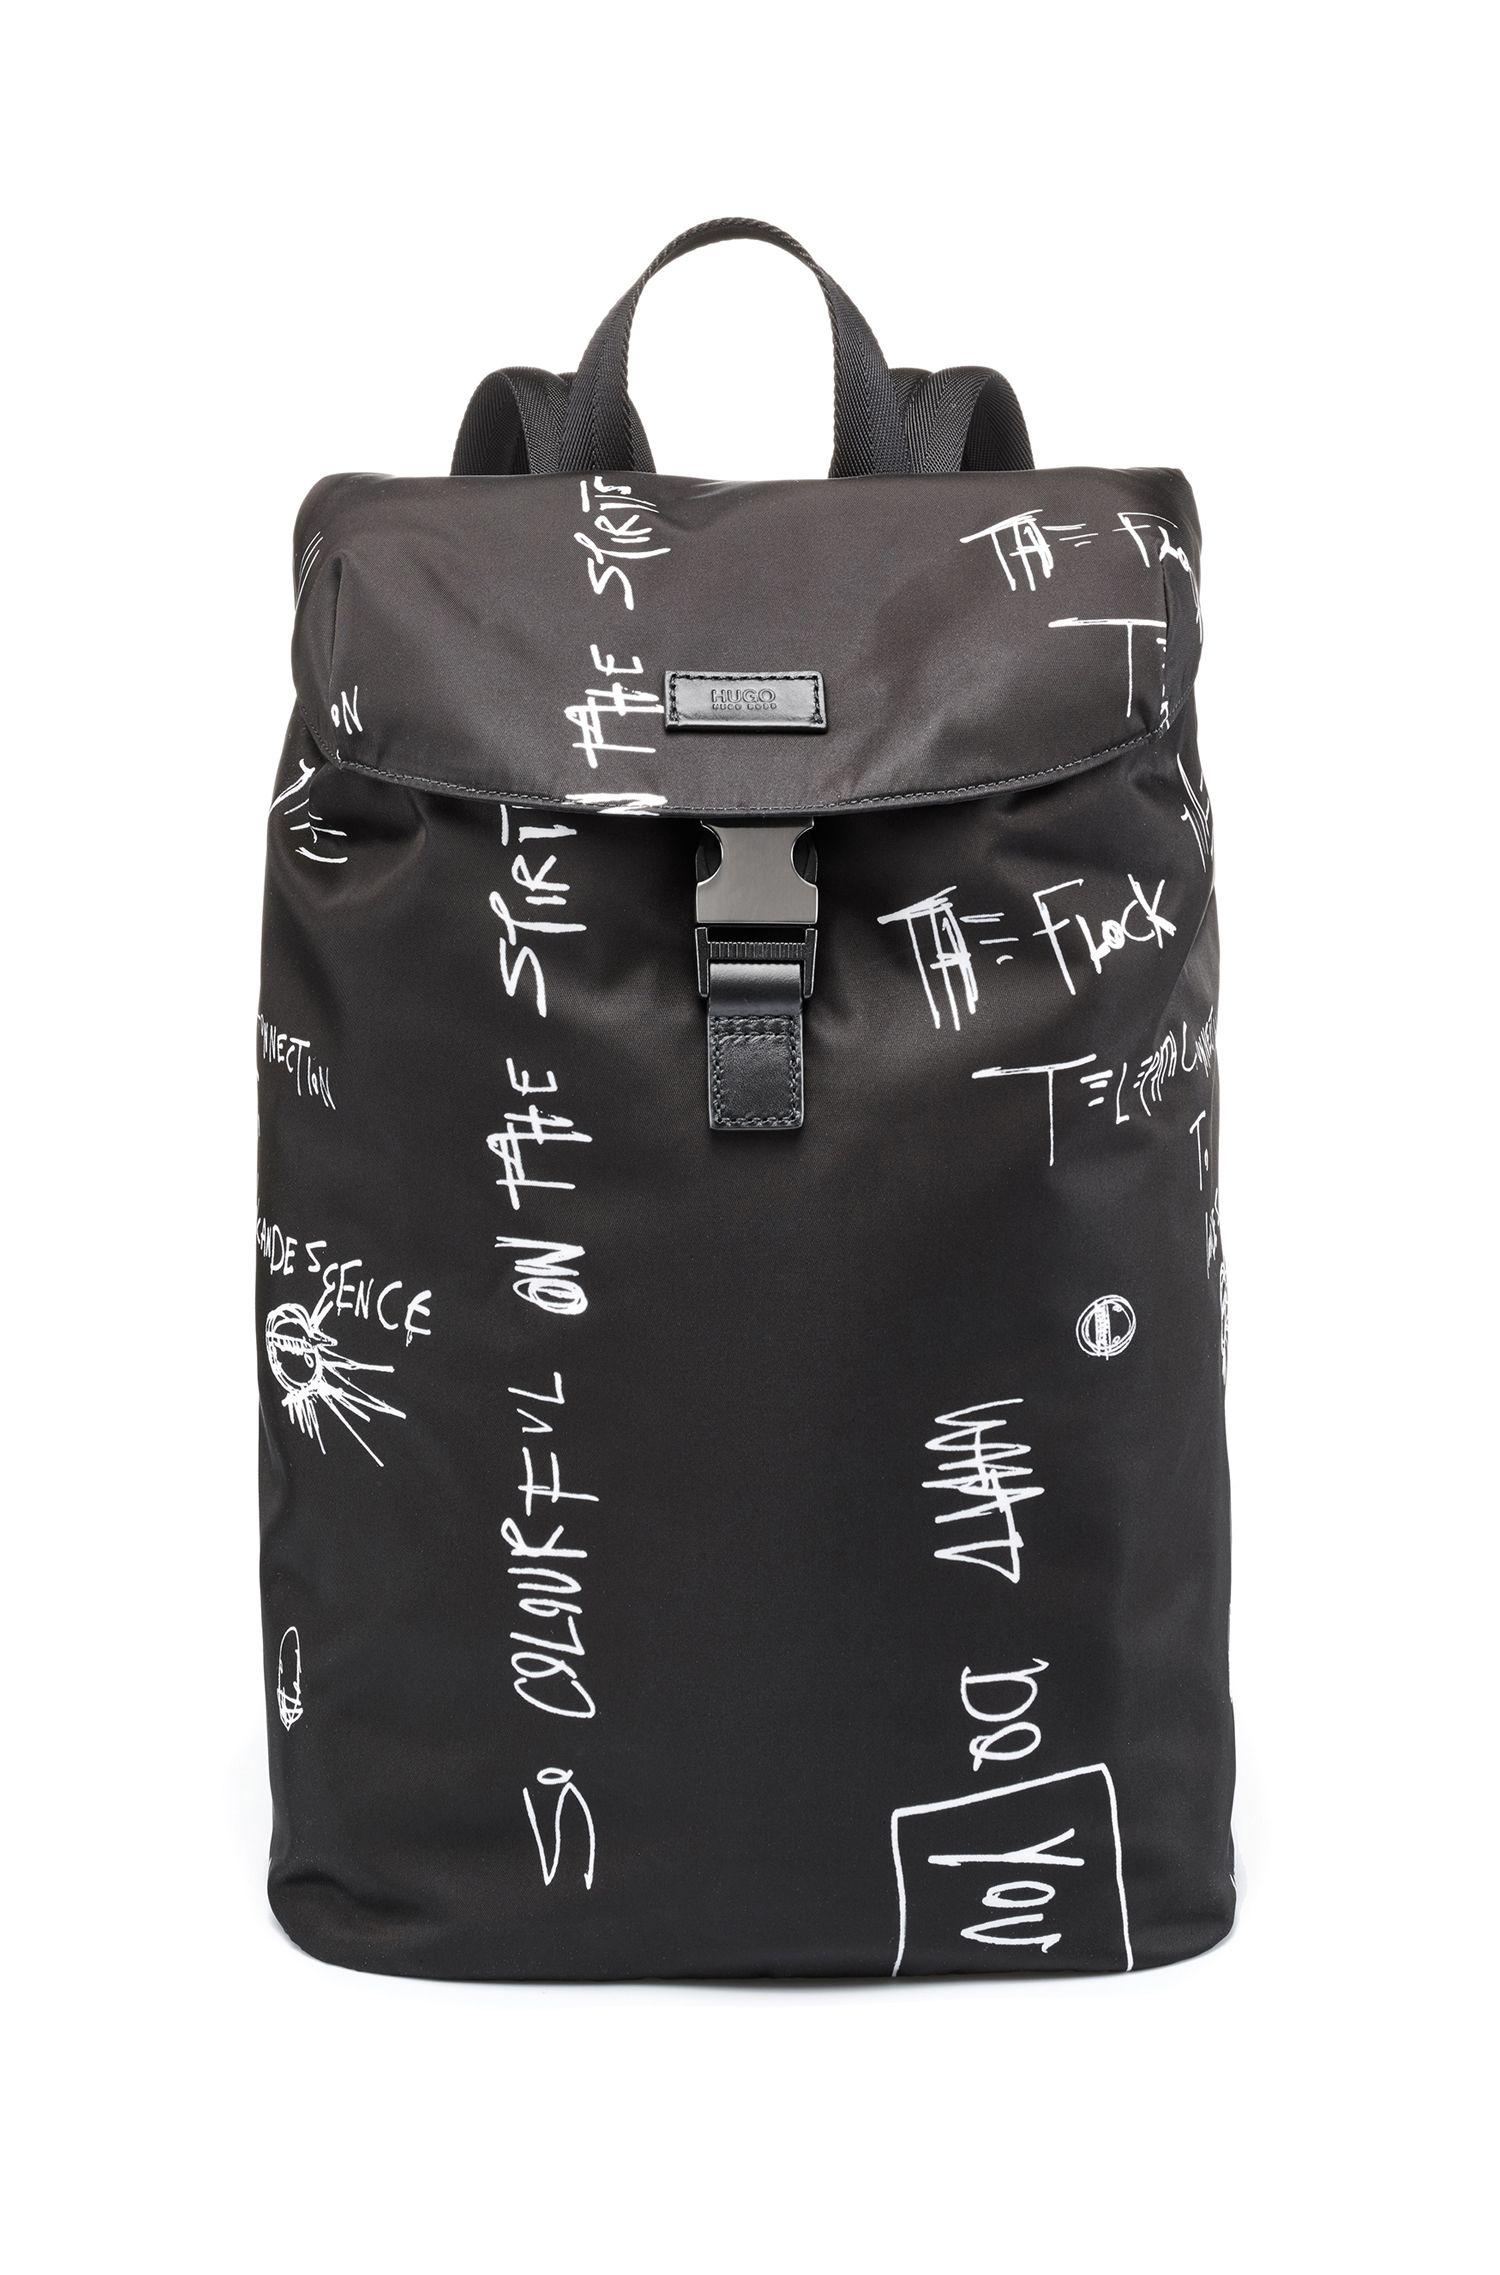 Rucksack aus Nylon-Gabardine mit Graffiti-Print und Laptopfach